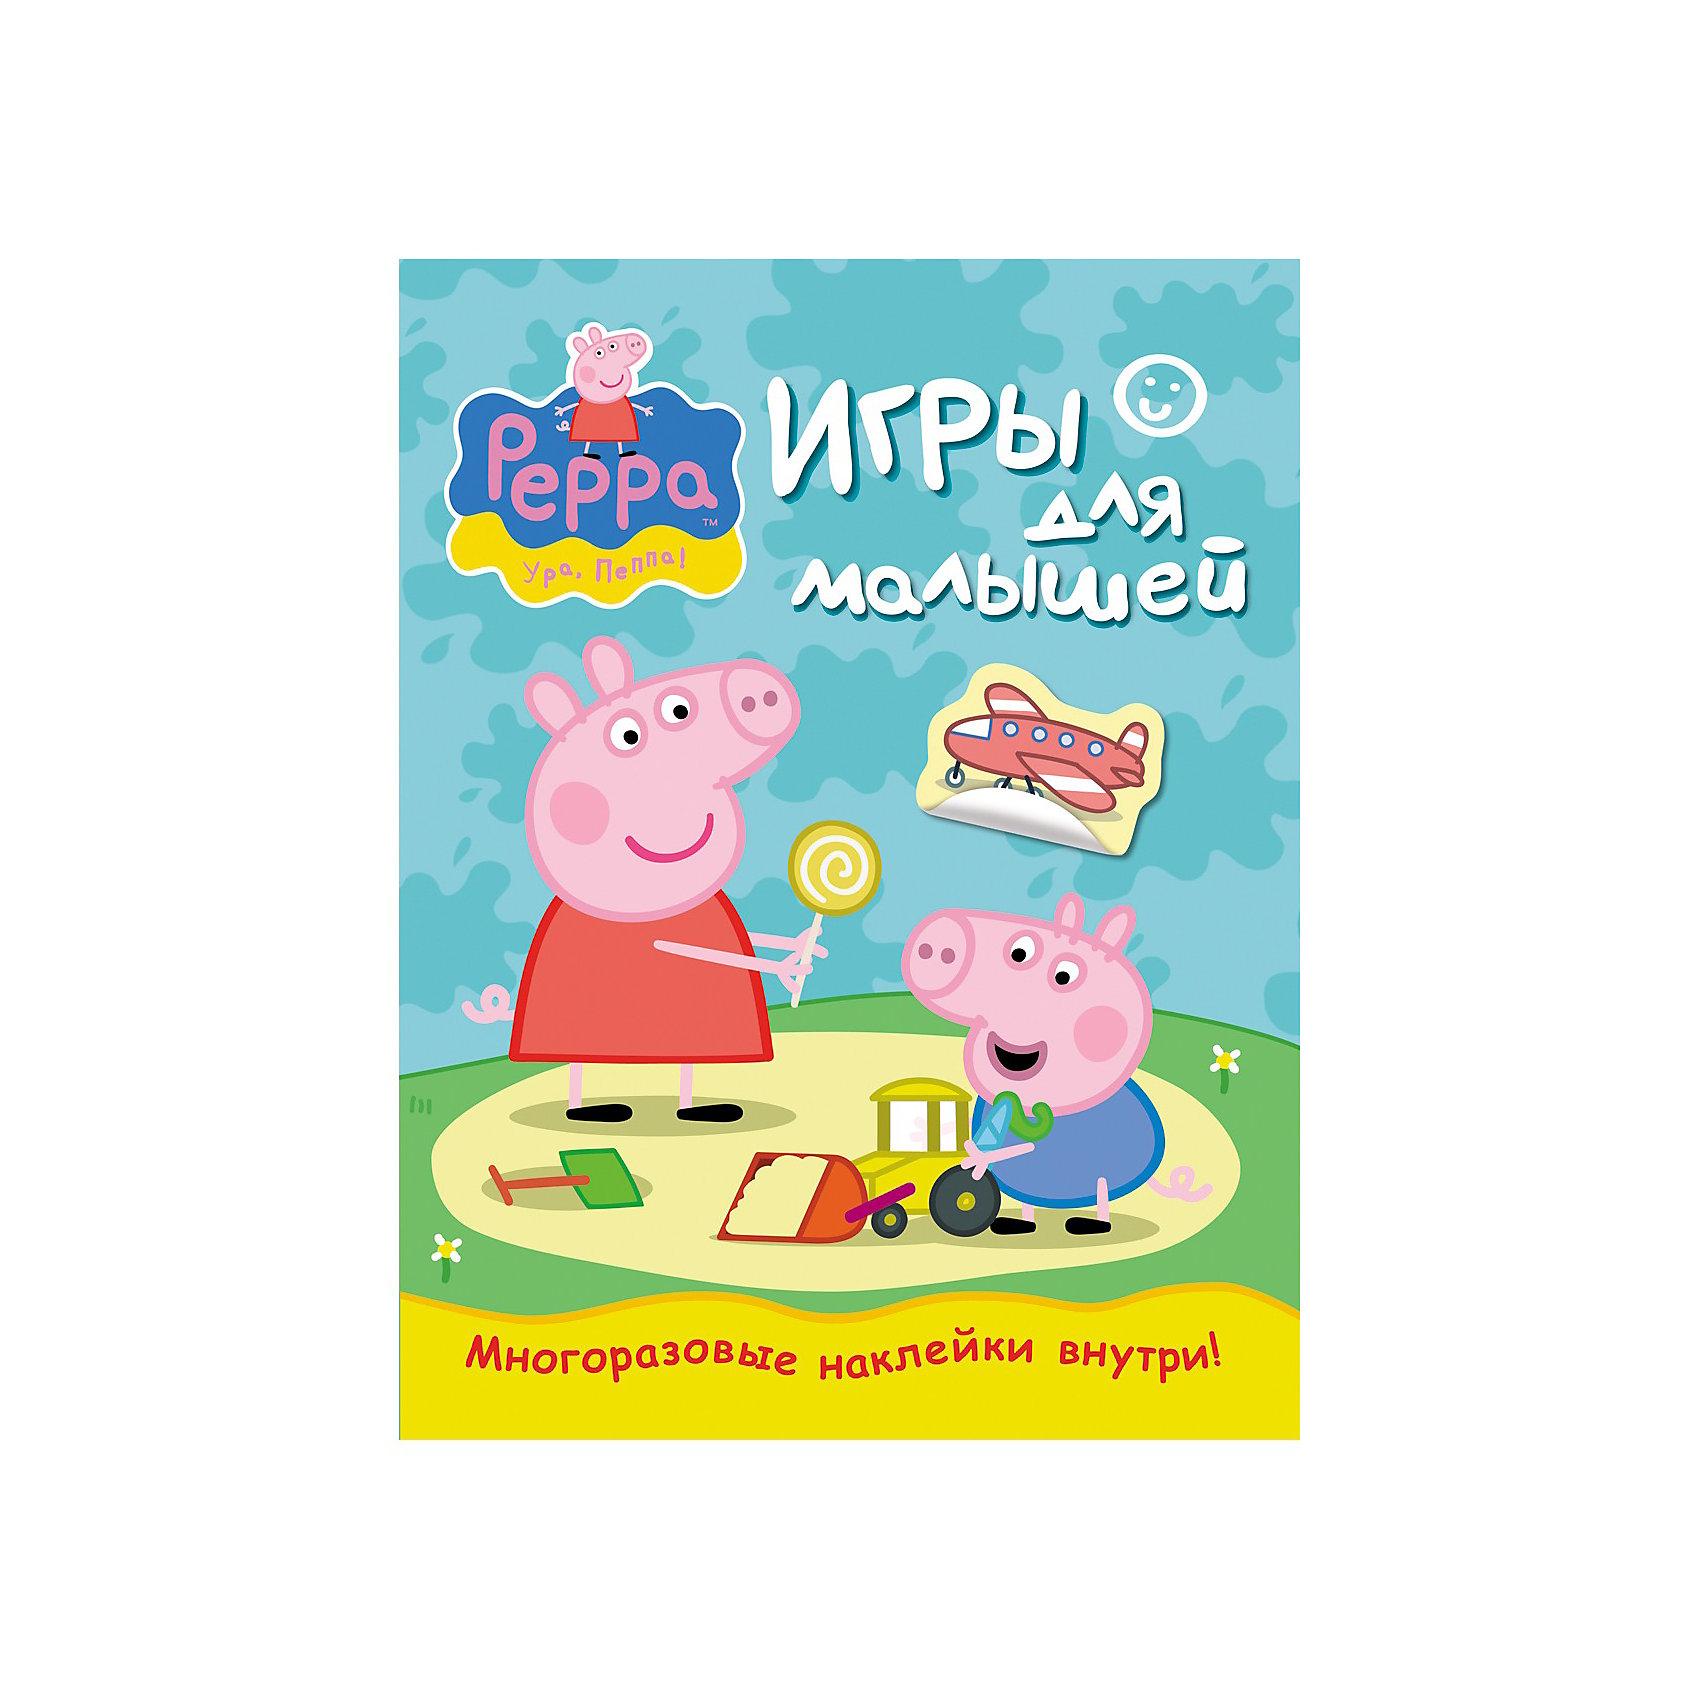 Игры для малышей Свинка ПеппаКниги по фильмам и мультфильмам<br>Игры для малышей со Свинкой Пеппой (Peppa Pig) - это веселые игры и задания на развитие воображения и логического мышления. Ребенок может выполнять интересные задания с помощью многоразовых наклеек, а также использовать их для украшения интерьера.<br><br>Станет прекрасным подарком Вашему малышу!<br><br>Дополнительная информация:<br><br>- Серия: Свинка Пеппа (Peppa Pig)<br>- Редактор: А. Потапова<br>- Переплет: мягкий<br>- Наличие иллюстраций: цветные<br>- Формат: 212 х 275  мм<br>- Количество страниц: 8<br><br>Книгу «Игры для малышей, Свинка Пеппа» можно купить в нашем интернет-магазине.<br><br>Ширина мм: 275<br>Глубина мм: 3<br>Высота мм: 210<br>Вес г: 80<br>Возраст от месяцев: 24<br>Возраст до месяцев: 60<br>Пол: Унисекс<br>Возраст: Детский<br>SKU: 3509838